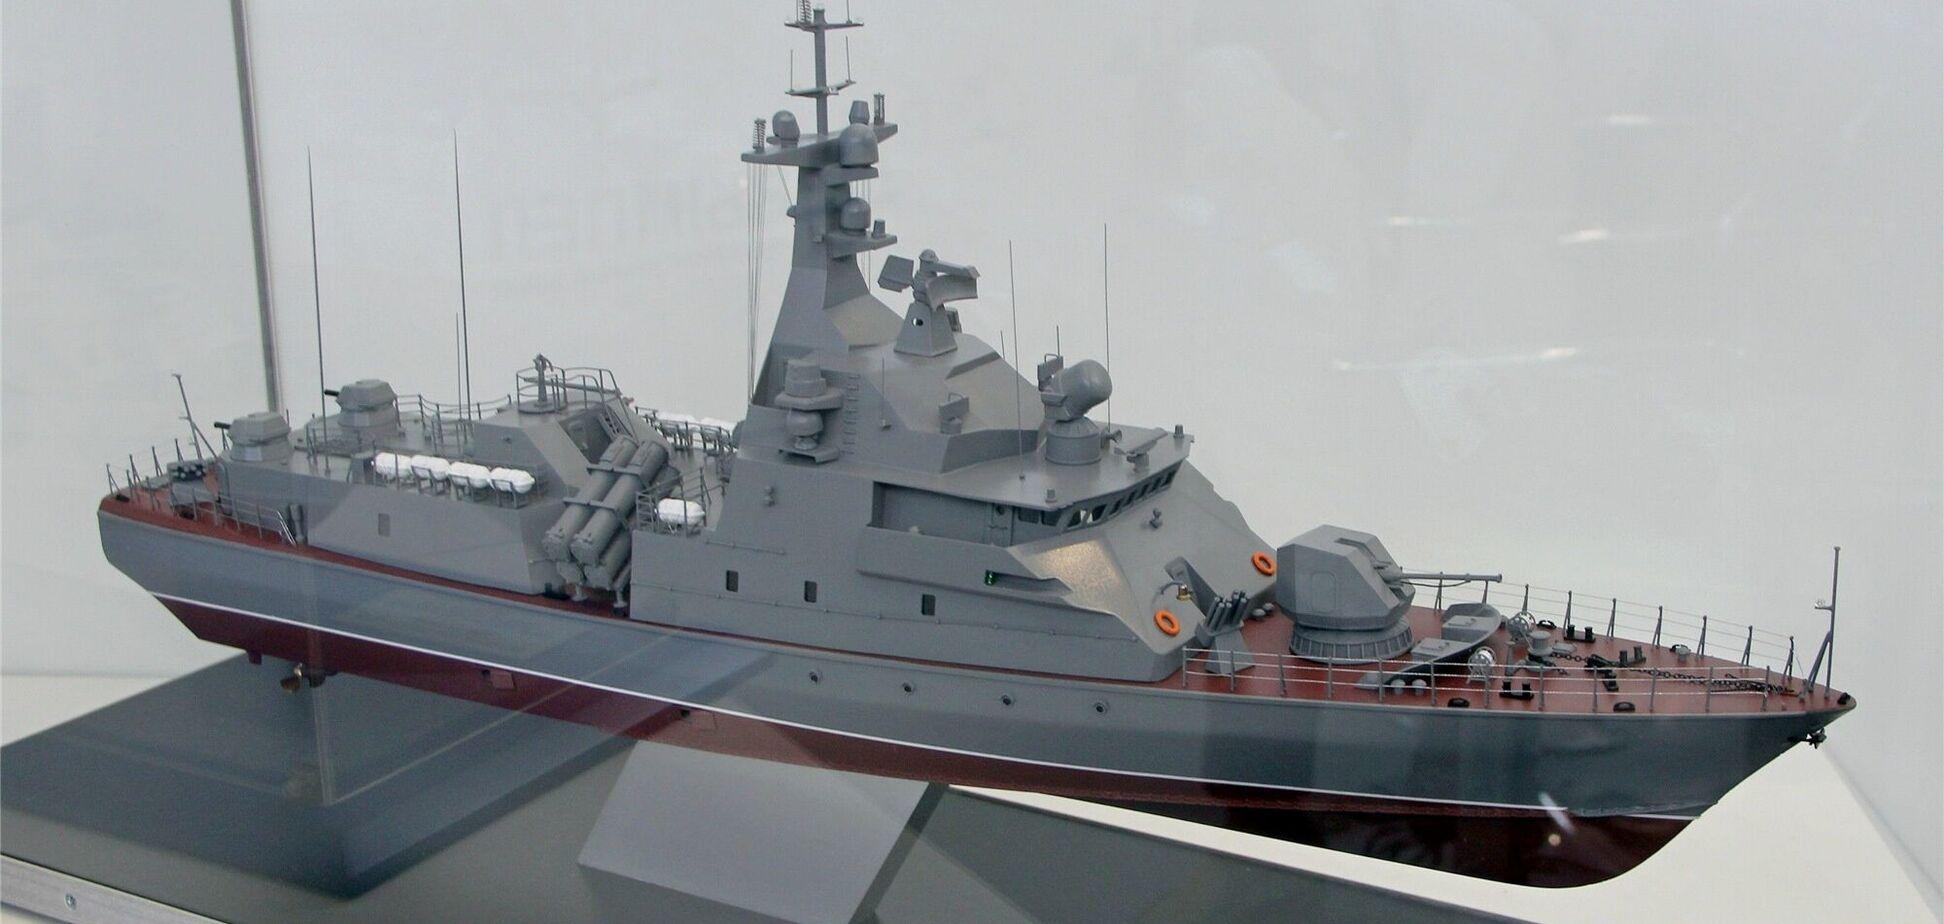 На командующего ВМС давят, чтобы он отказался от британских кораблей